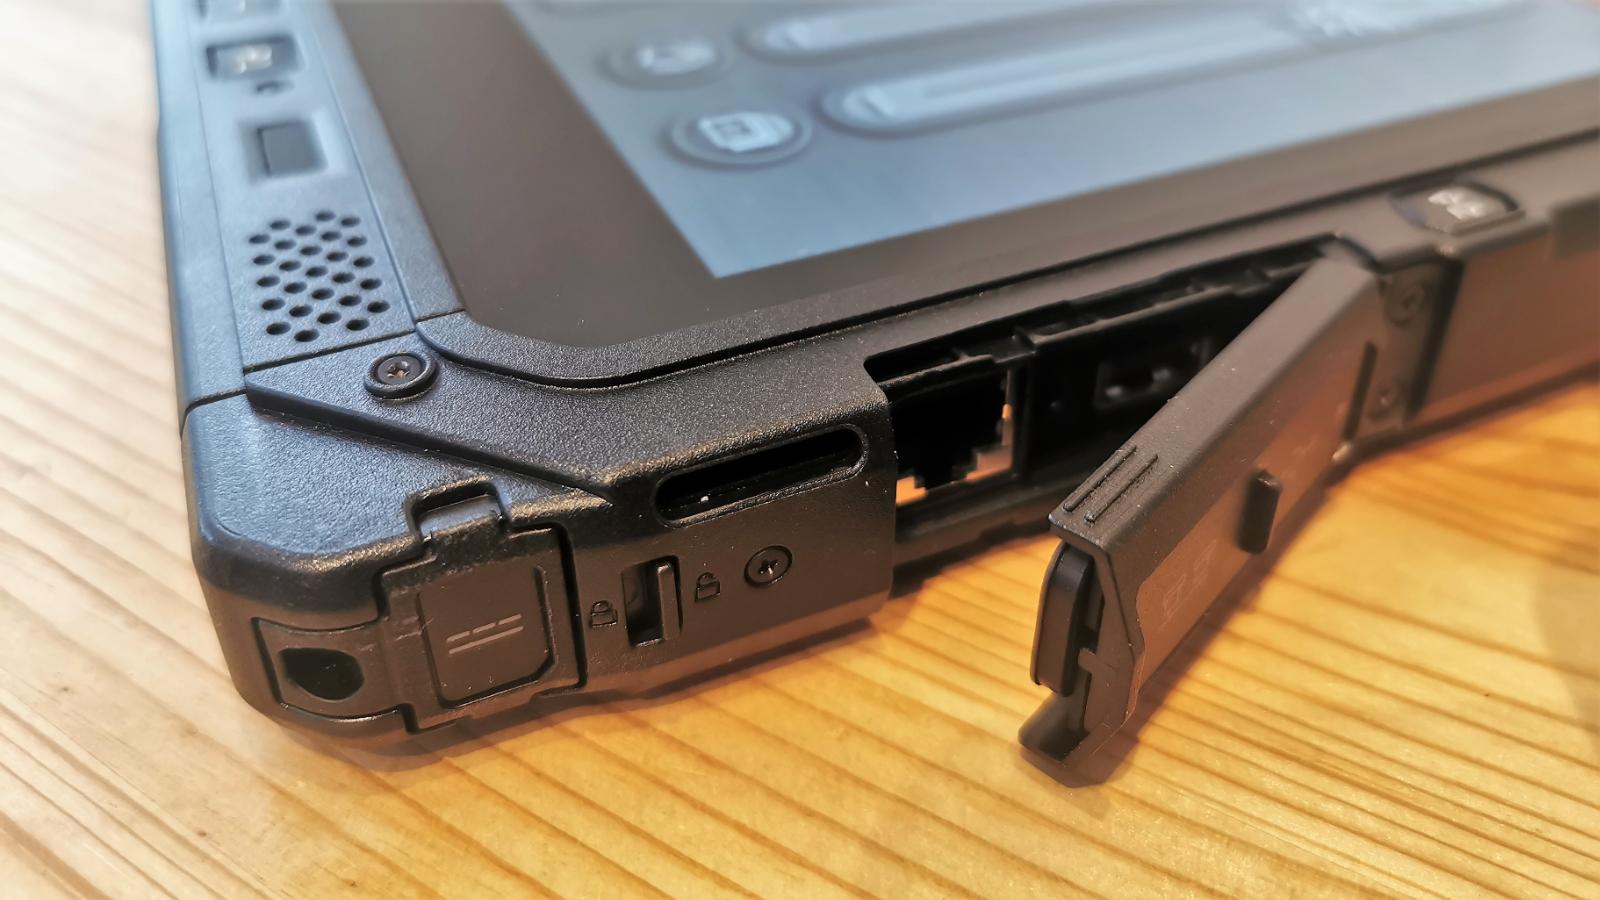 Getac K120 (2021) Rugged Laptop